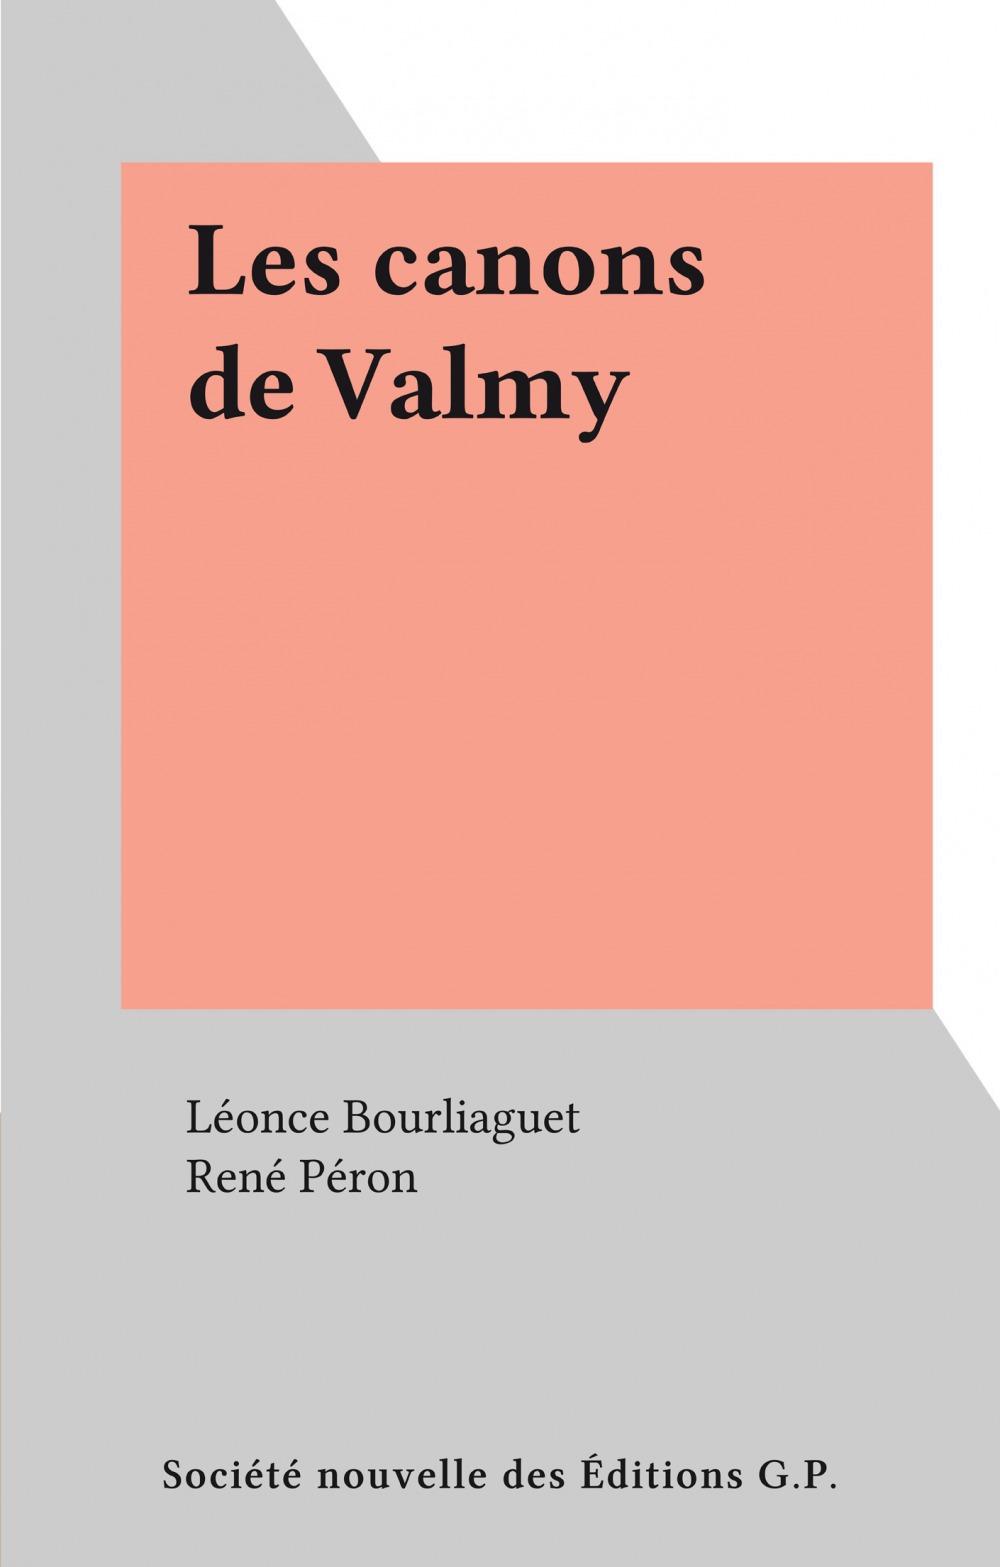 Les canons de Valmy